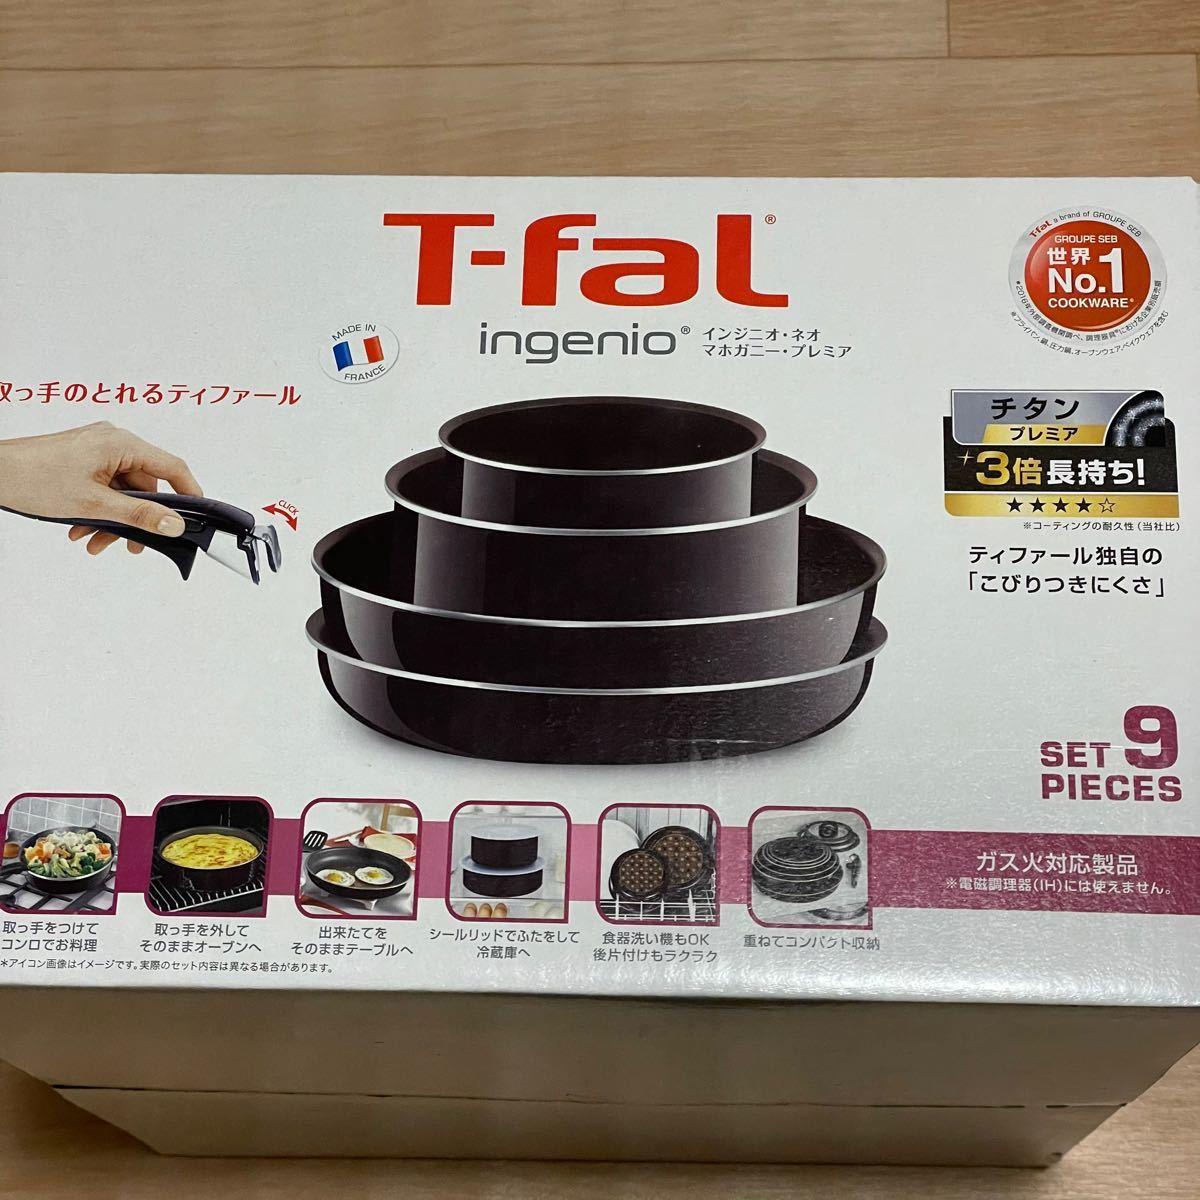 T-fal ティファール インジニオ フライパン 鍋 9点セット ガス火専用